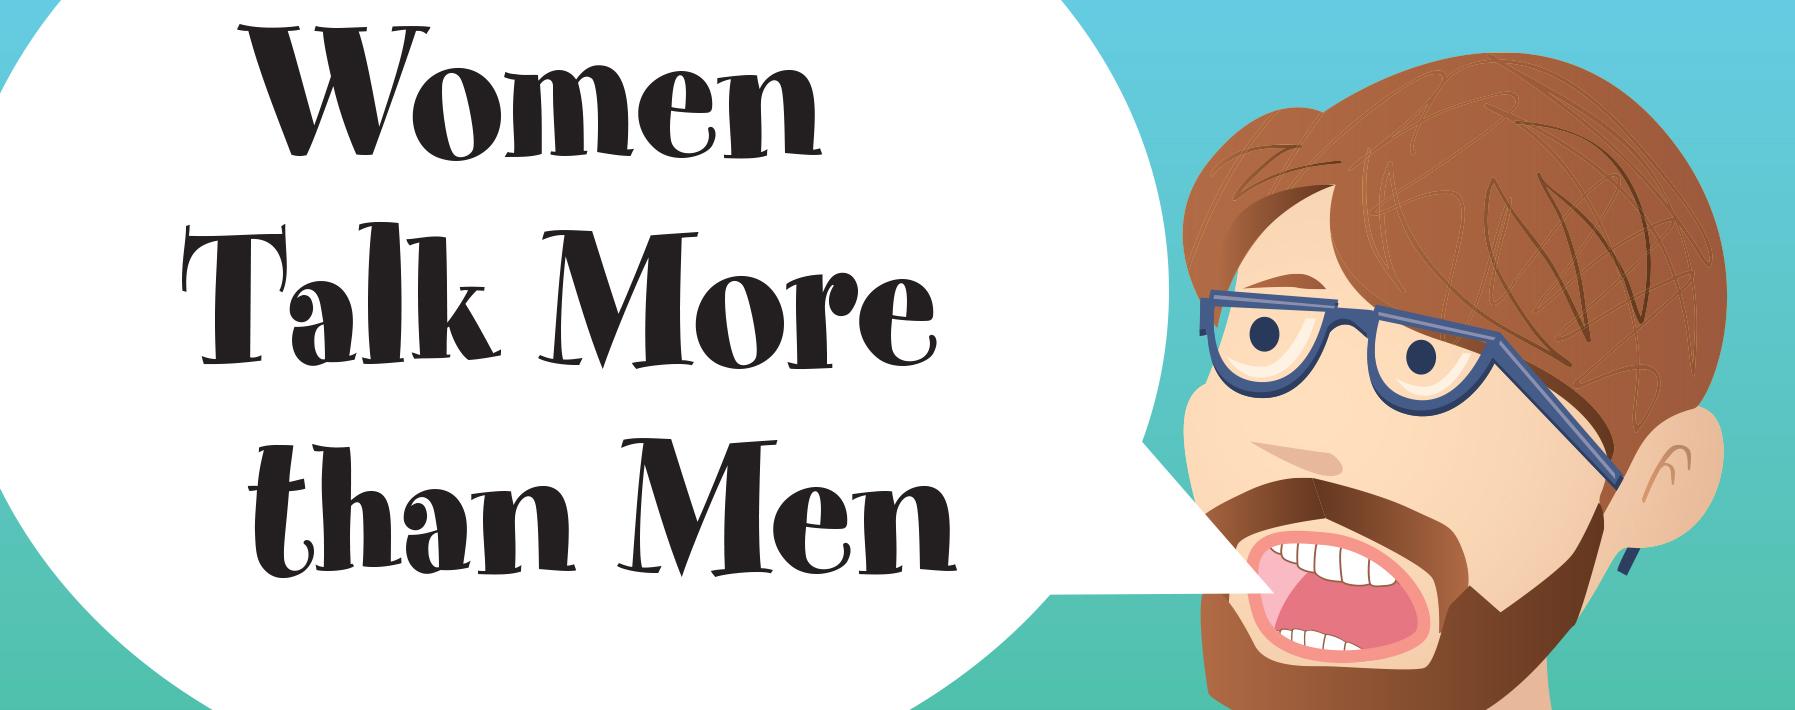 women talk more than men_feature